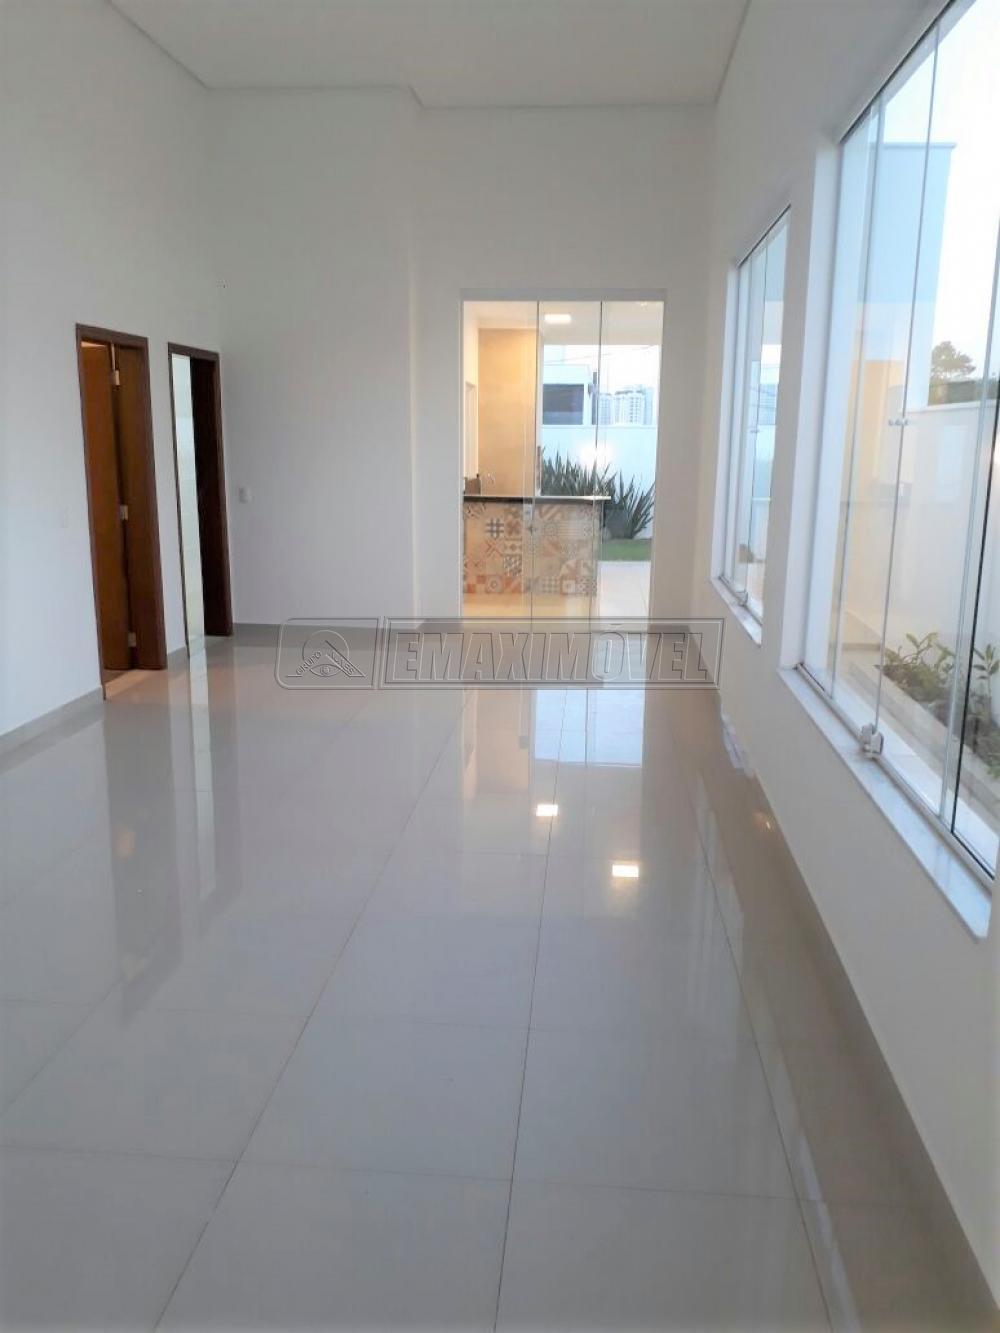 Comprar Casas / em Condomínios em Sorocaba apenas R$ 890.000,00 - Foto 4